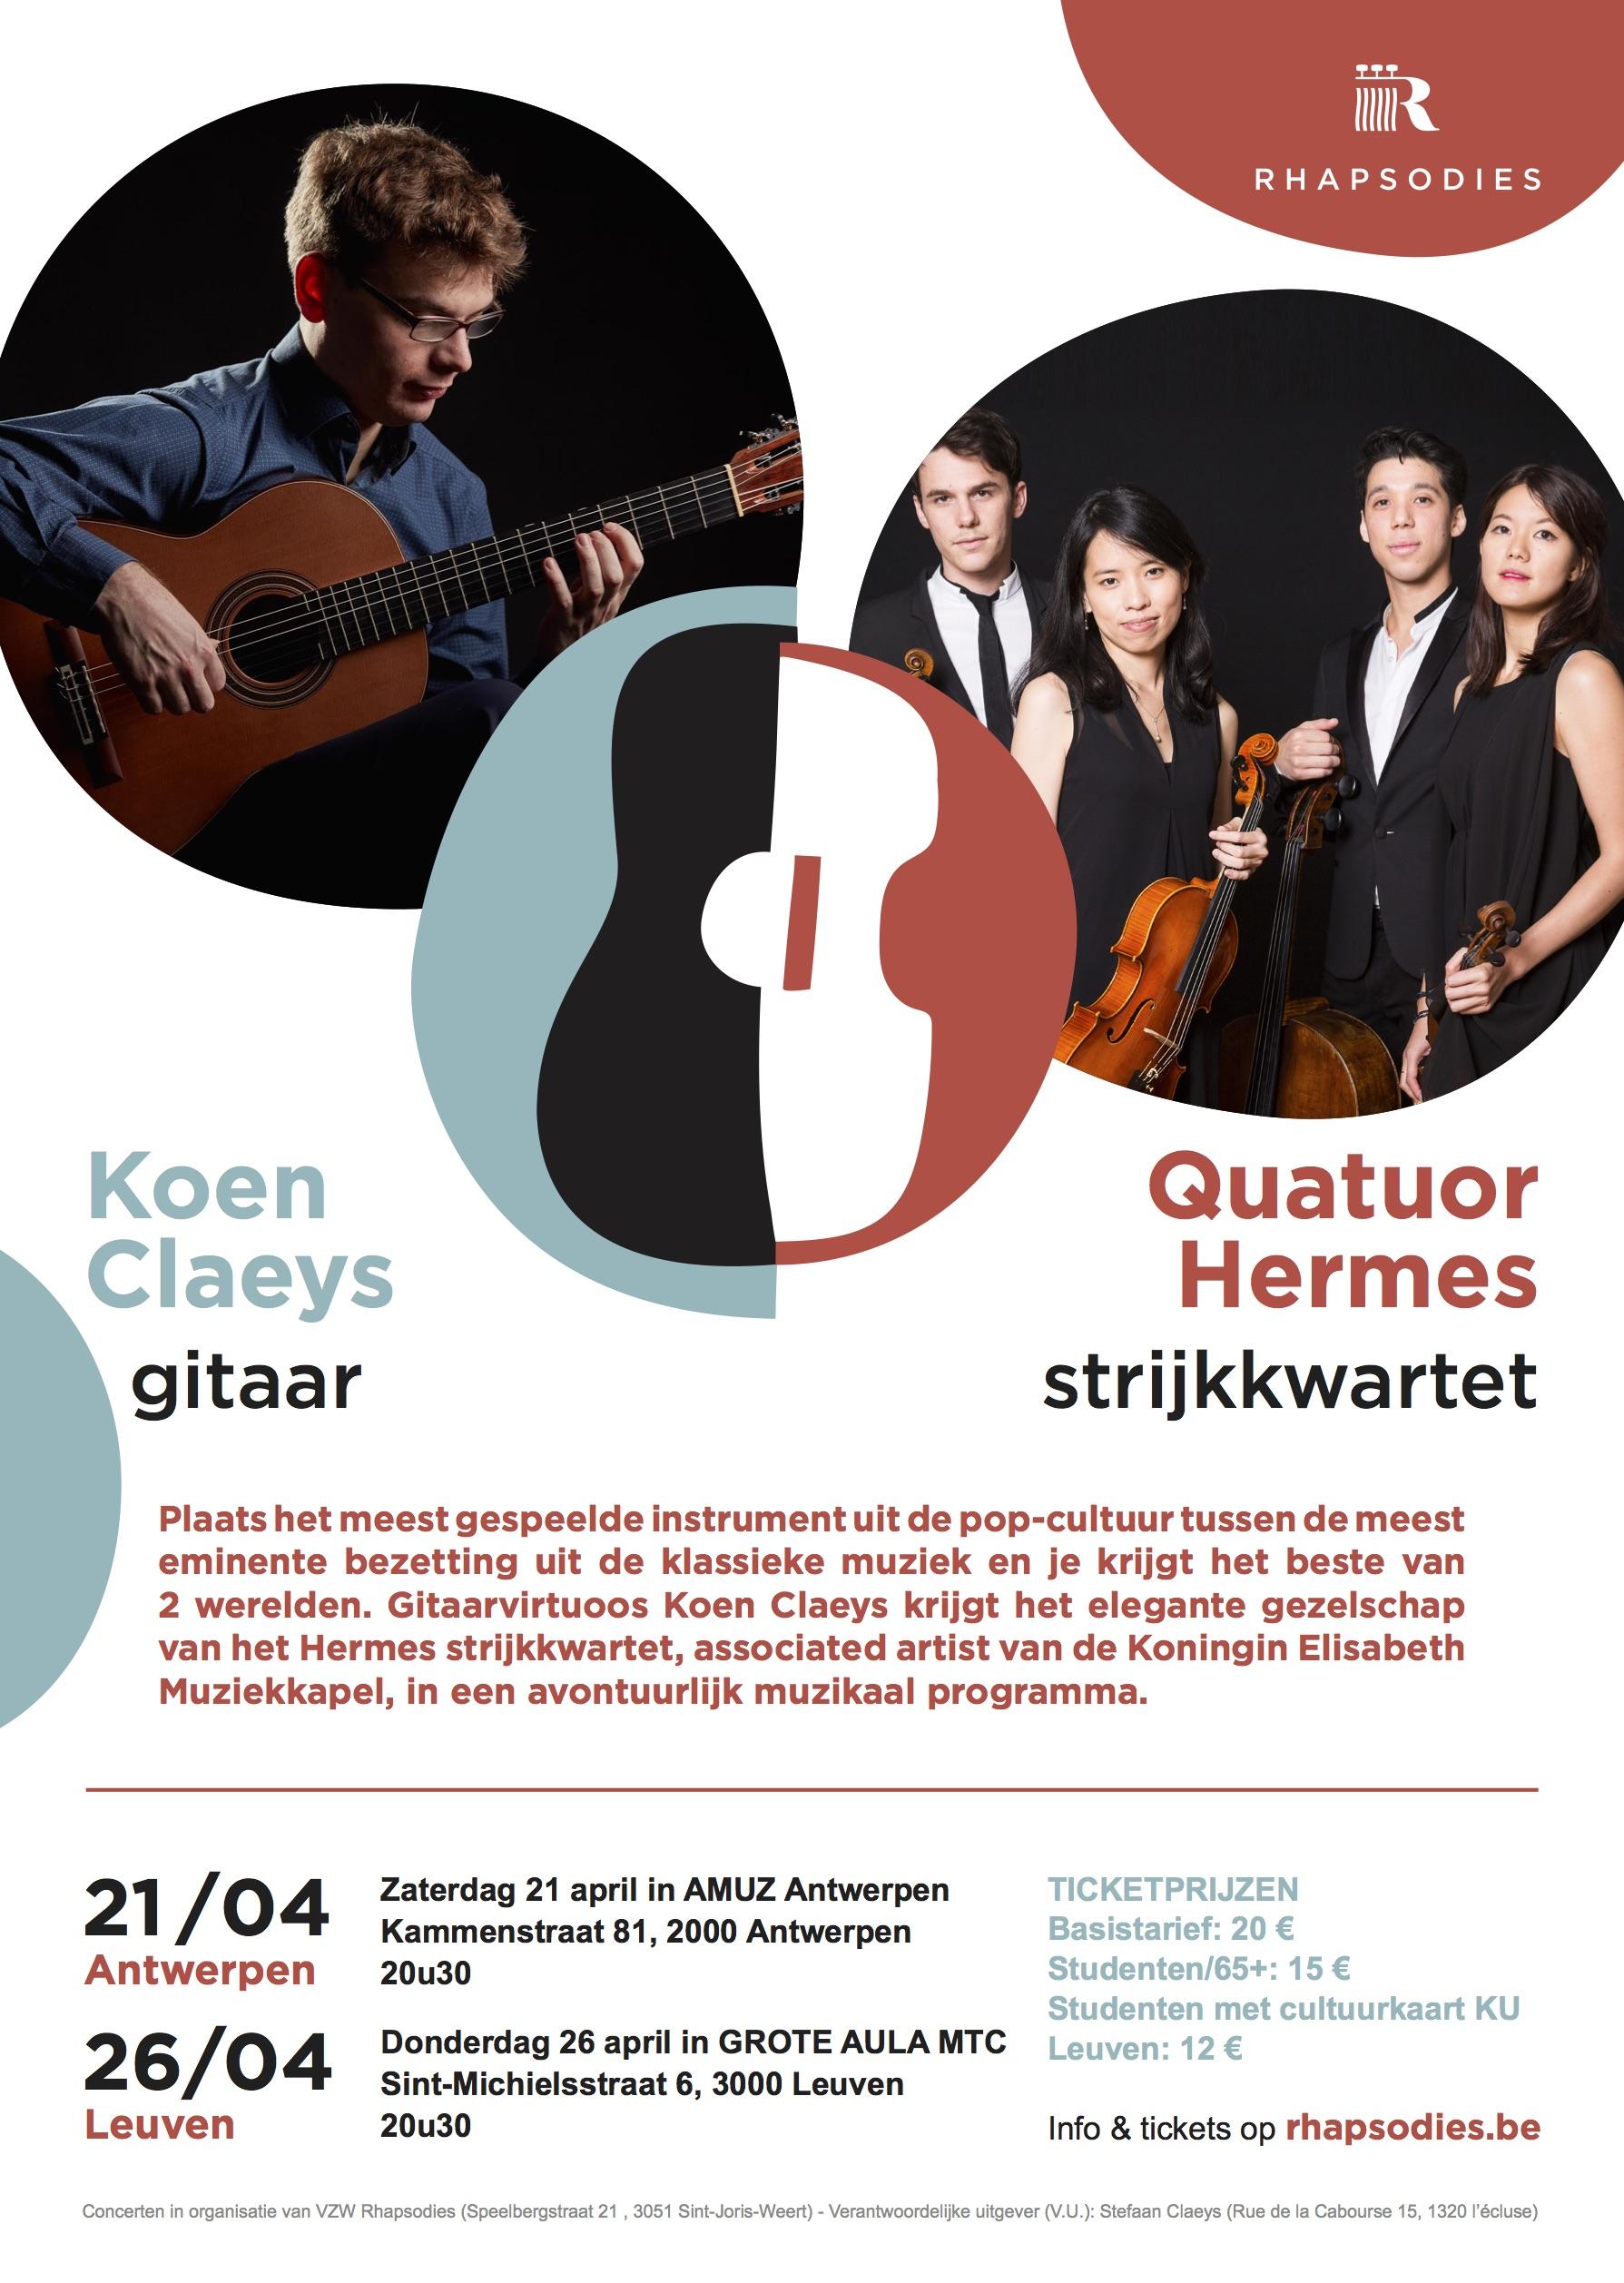 Rhapsodies - Koen Claeys @ Amuz | Antwerpen | Vlaanderen | België